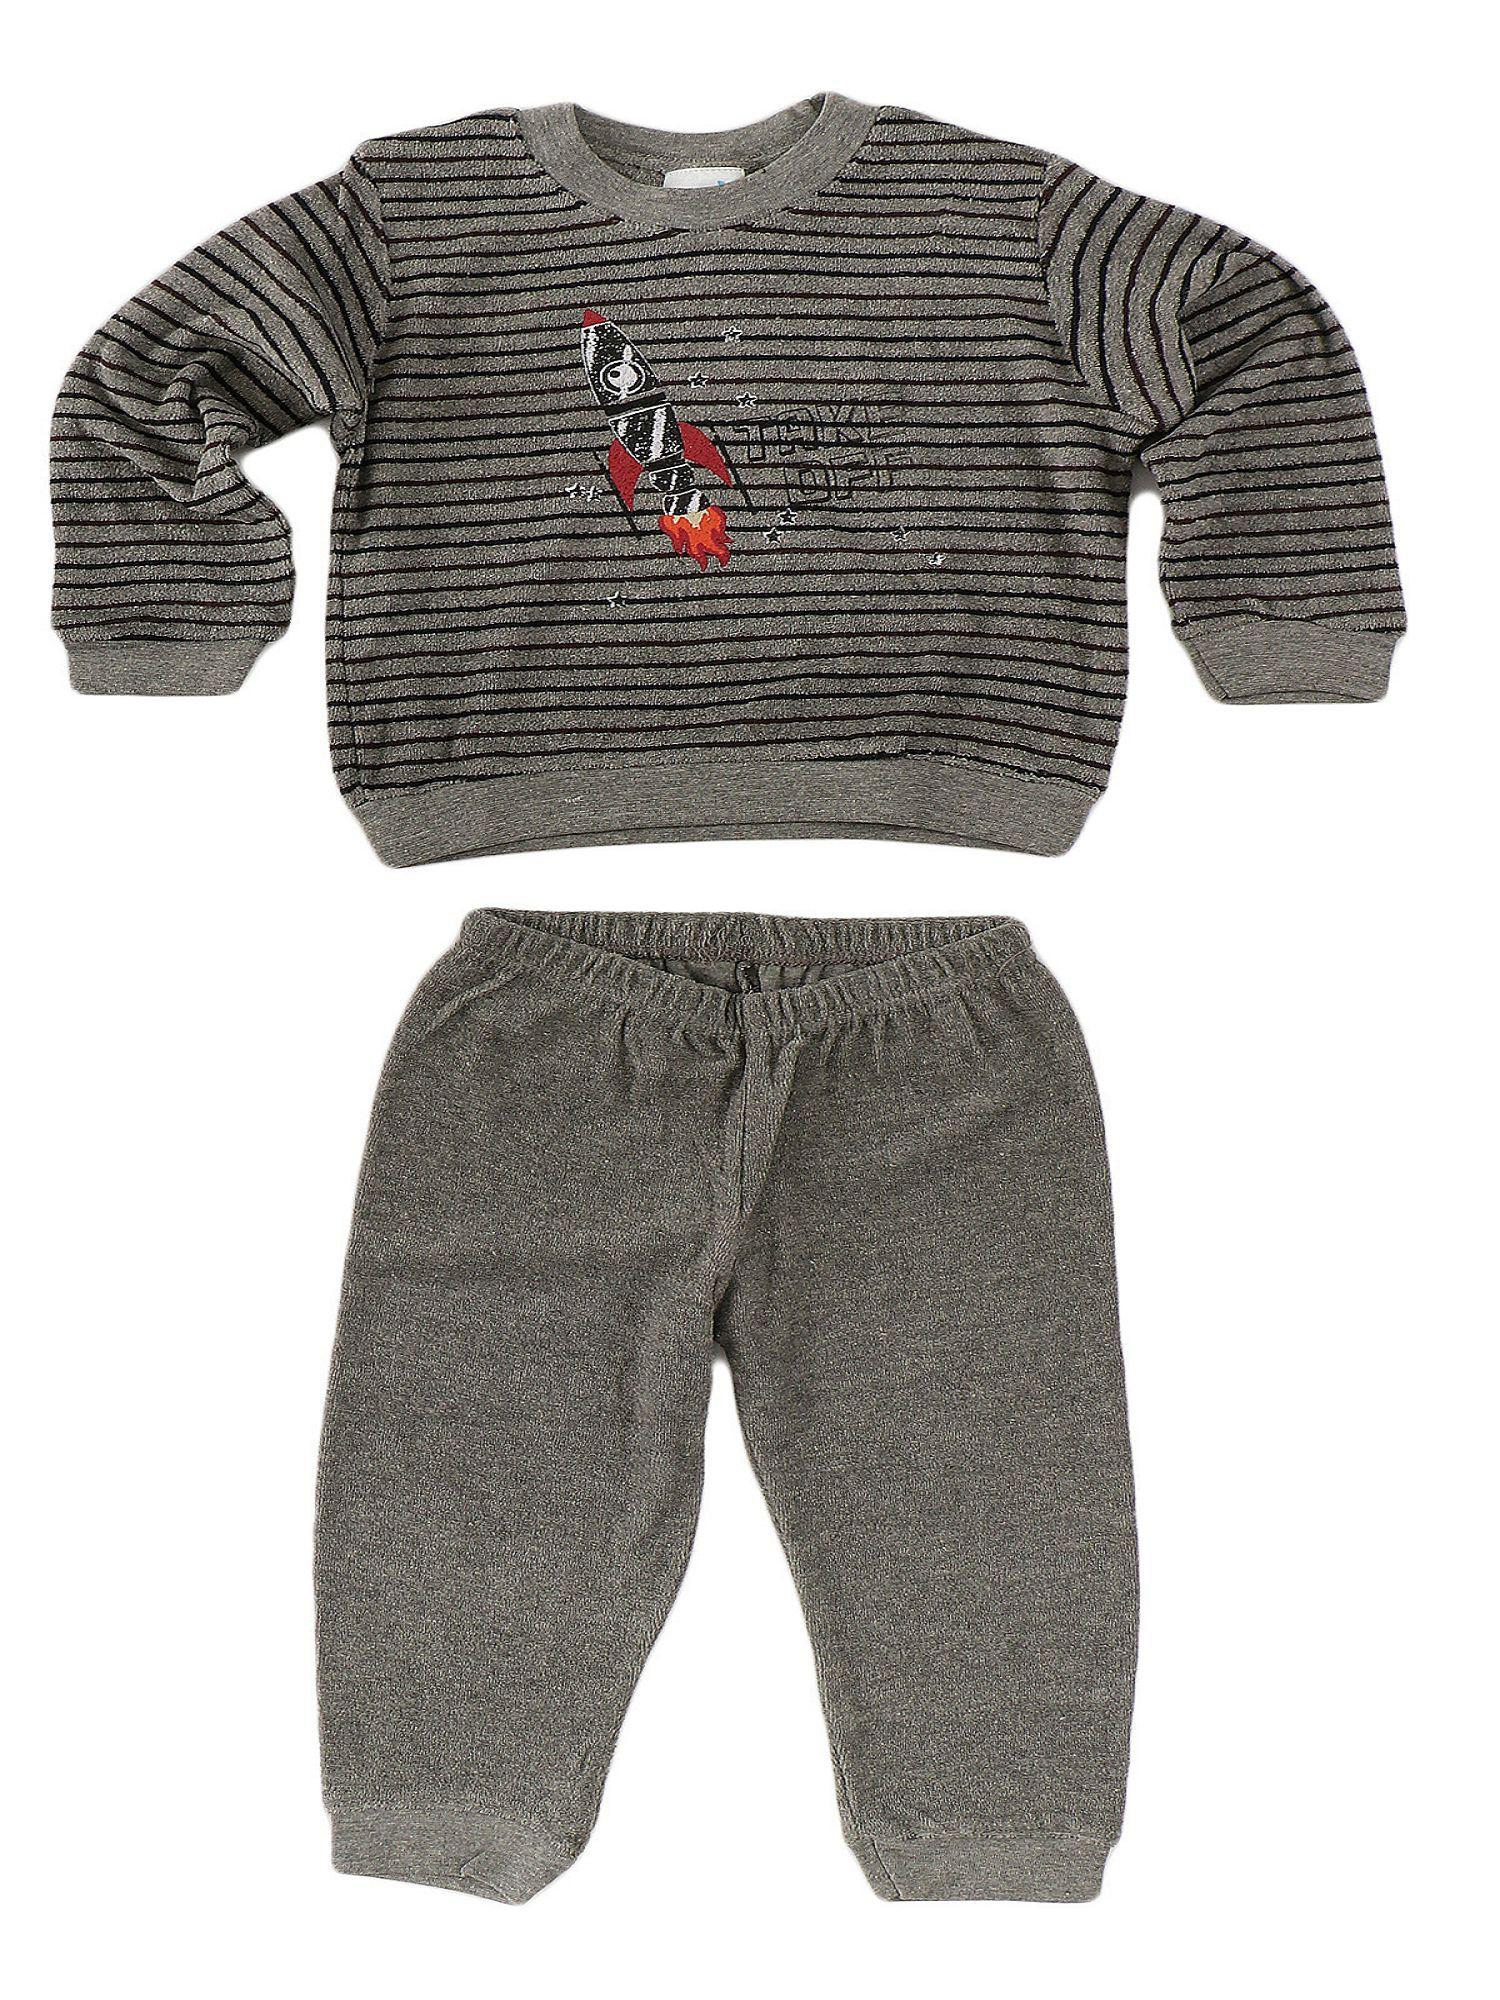 Jungen Kleinkinder Frottee Pyjama lang – Schlafanzug mit Bündchen – 57402 – Bild 2